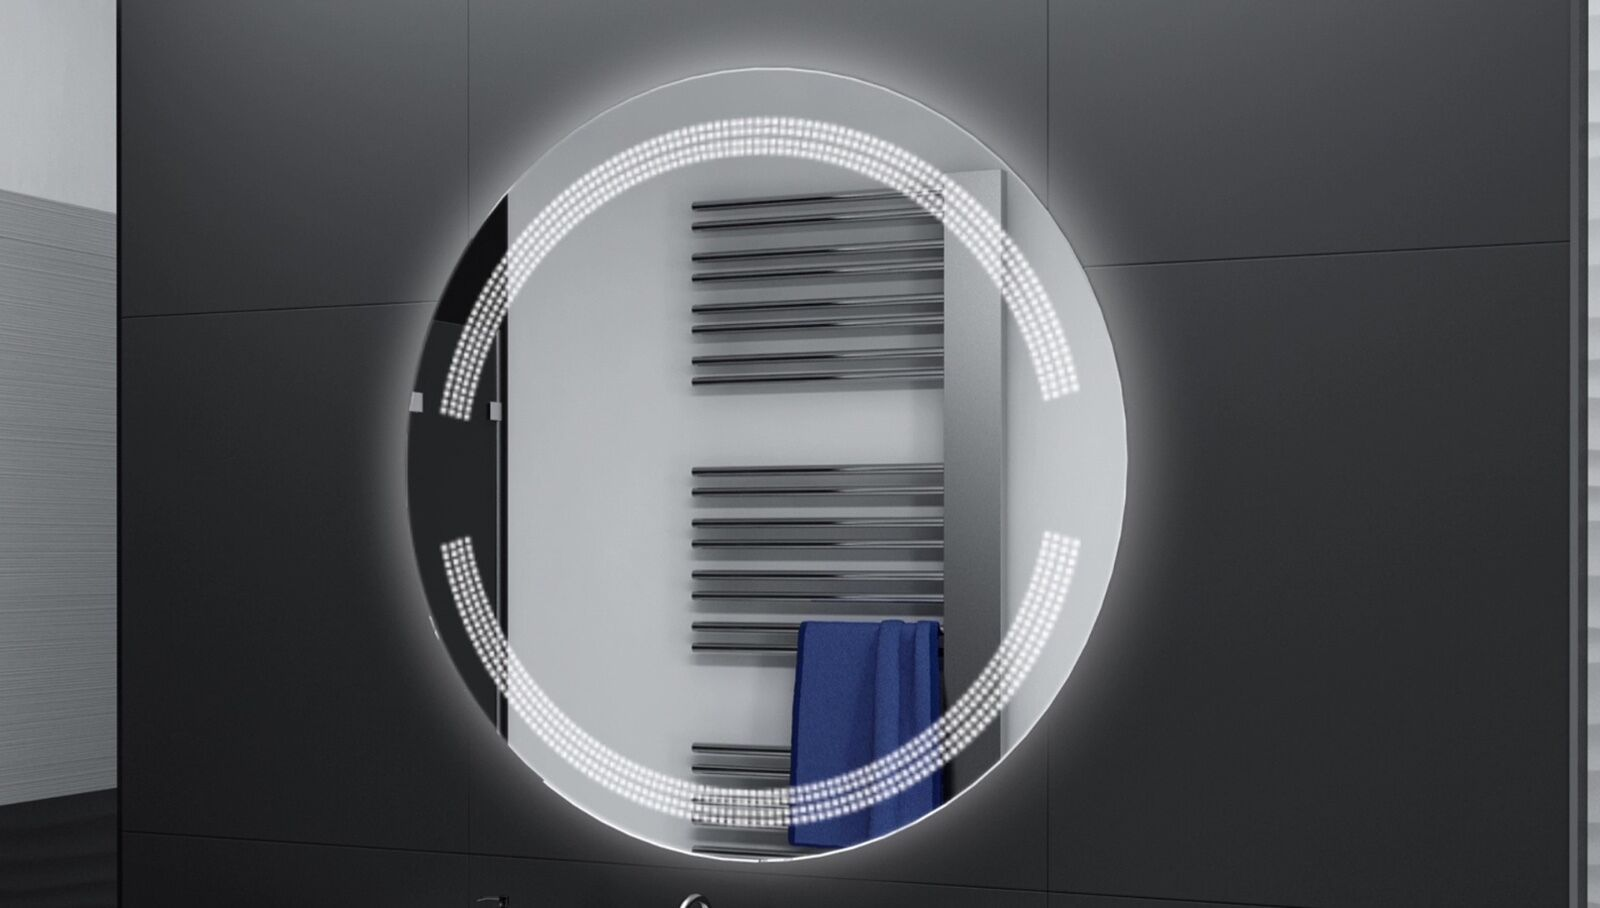 Hol Dir Das Neuste Badspiegel Rund M Led Beleuchtung